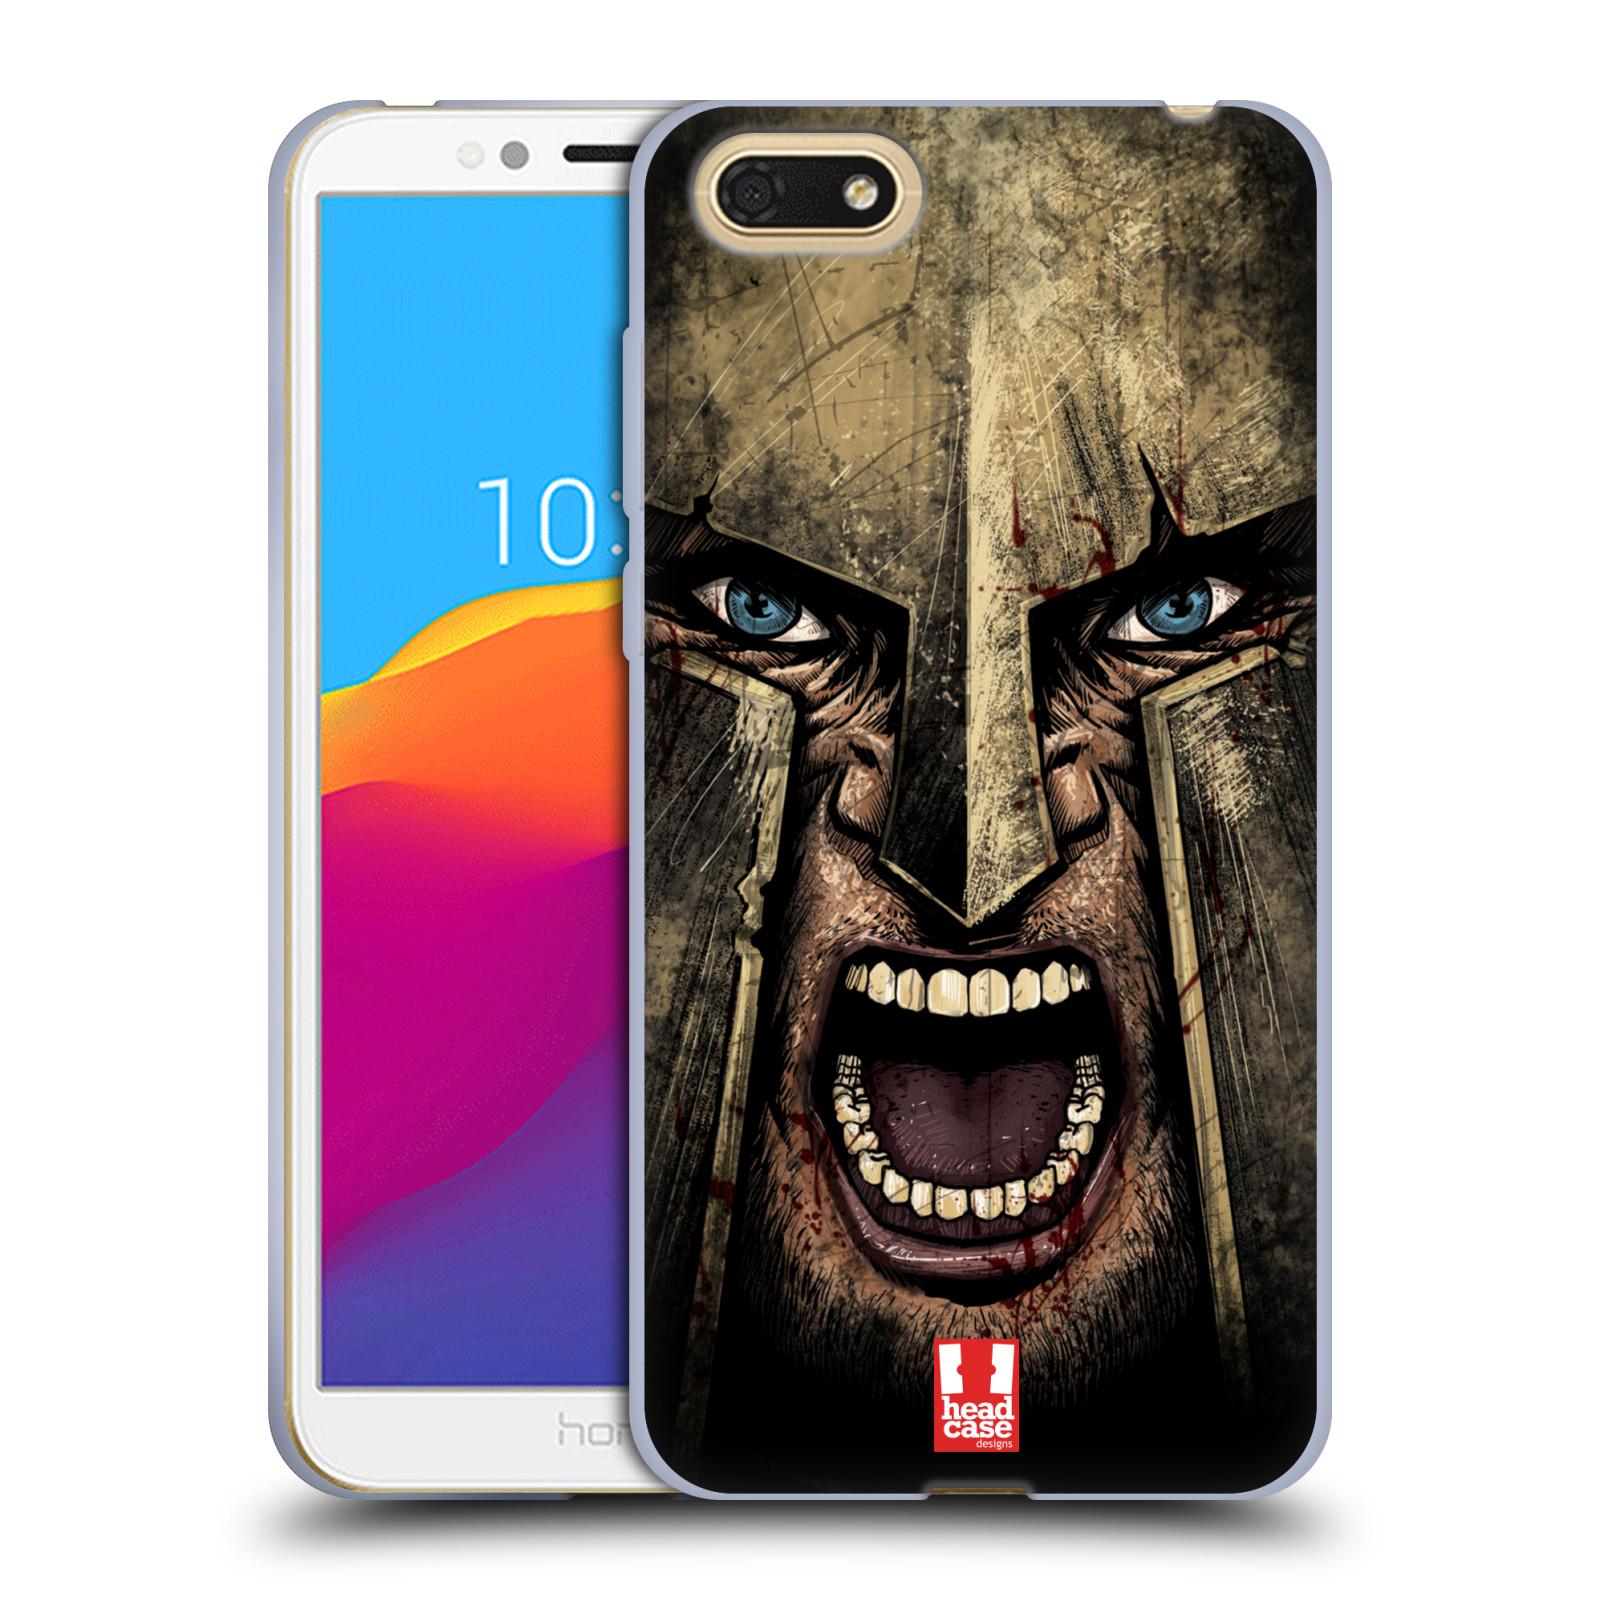 Silikonové pouzdro na mobil Huawei Y5 2018 - Head Case - Řvoucí válečník